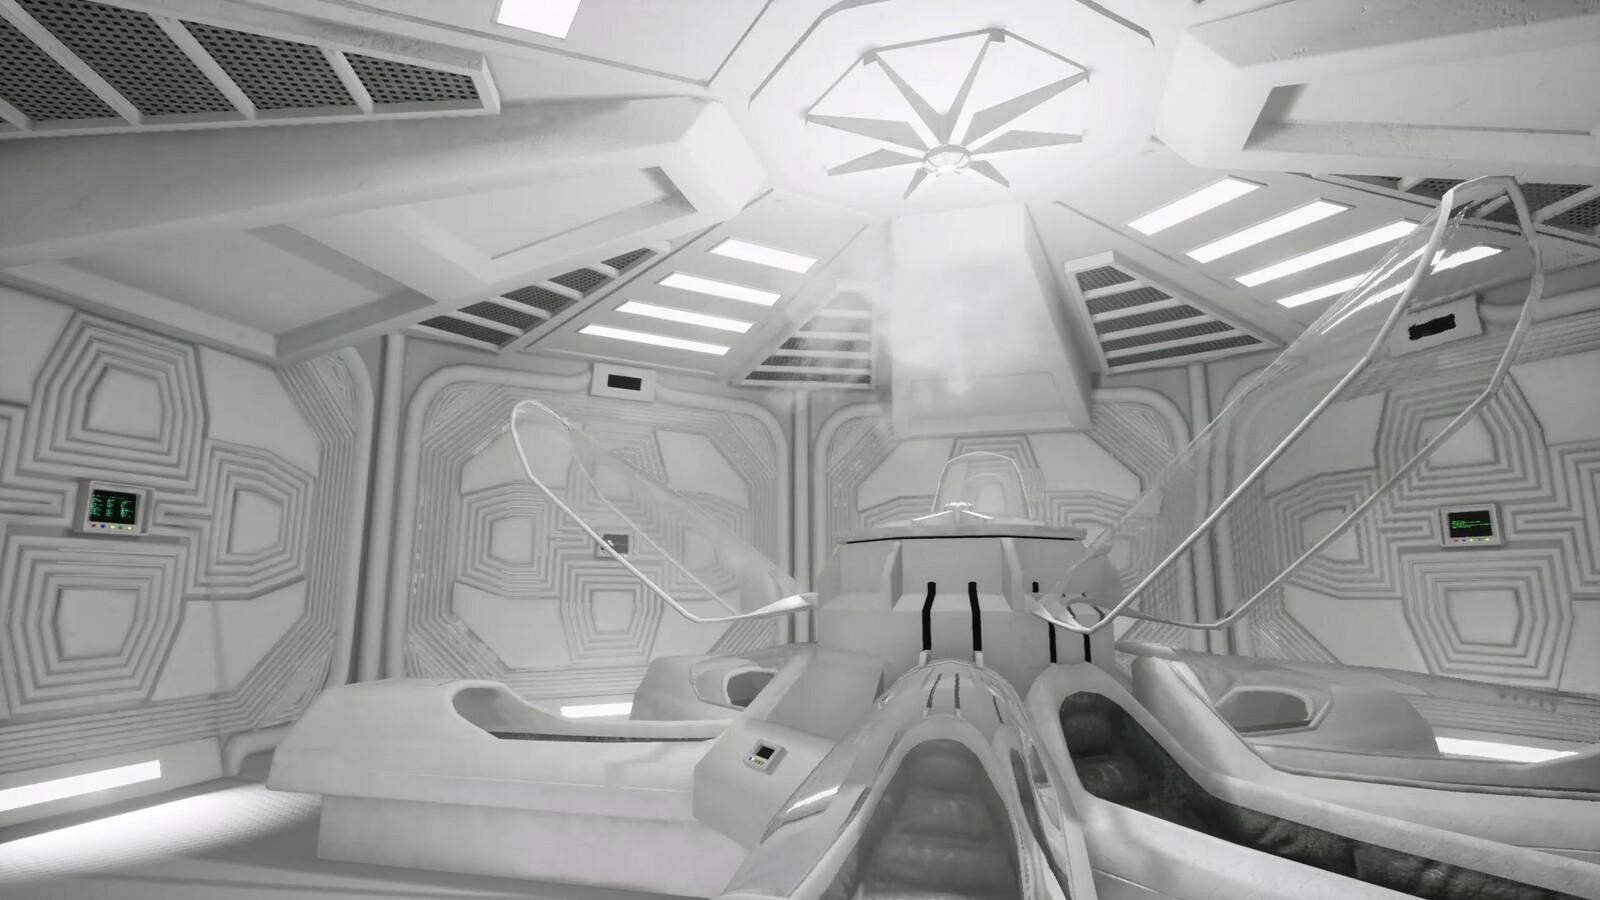 Hypersleep chamber 02